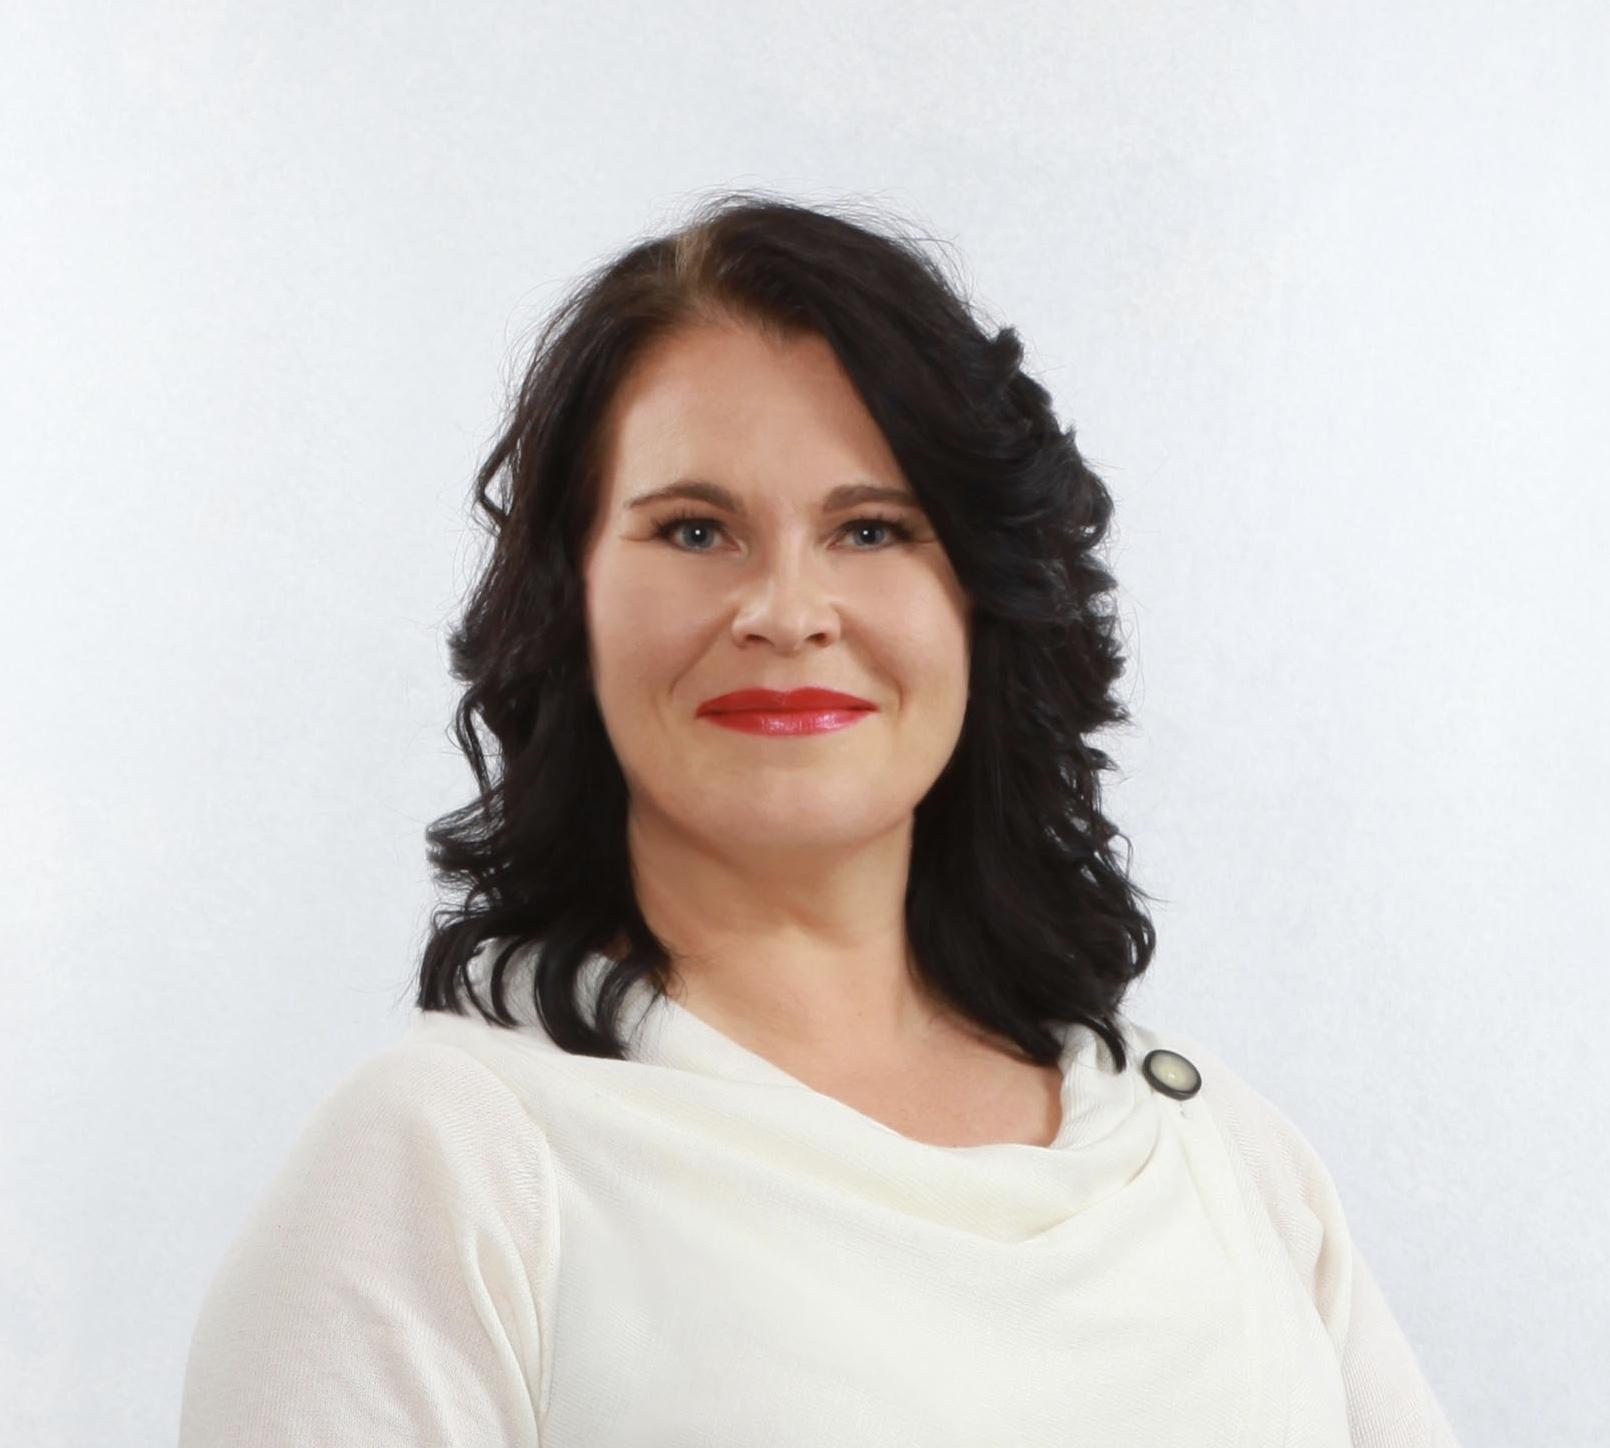 Mari Sarajärvi   Kouluttaja  Oikeustieteiden maisteri, Positive Psychology Practitioner, lifecoach ja business coach